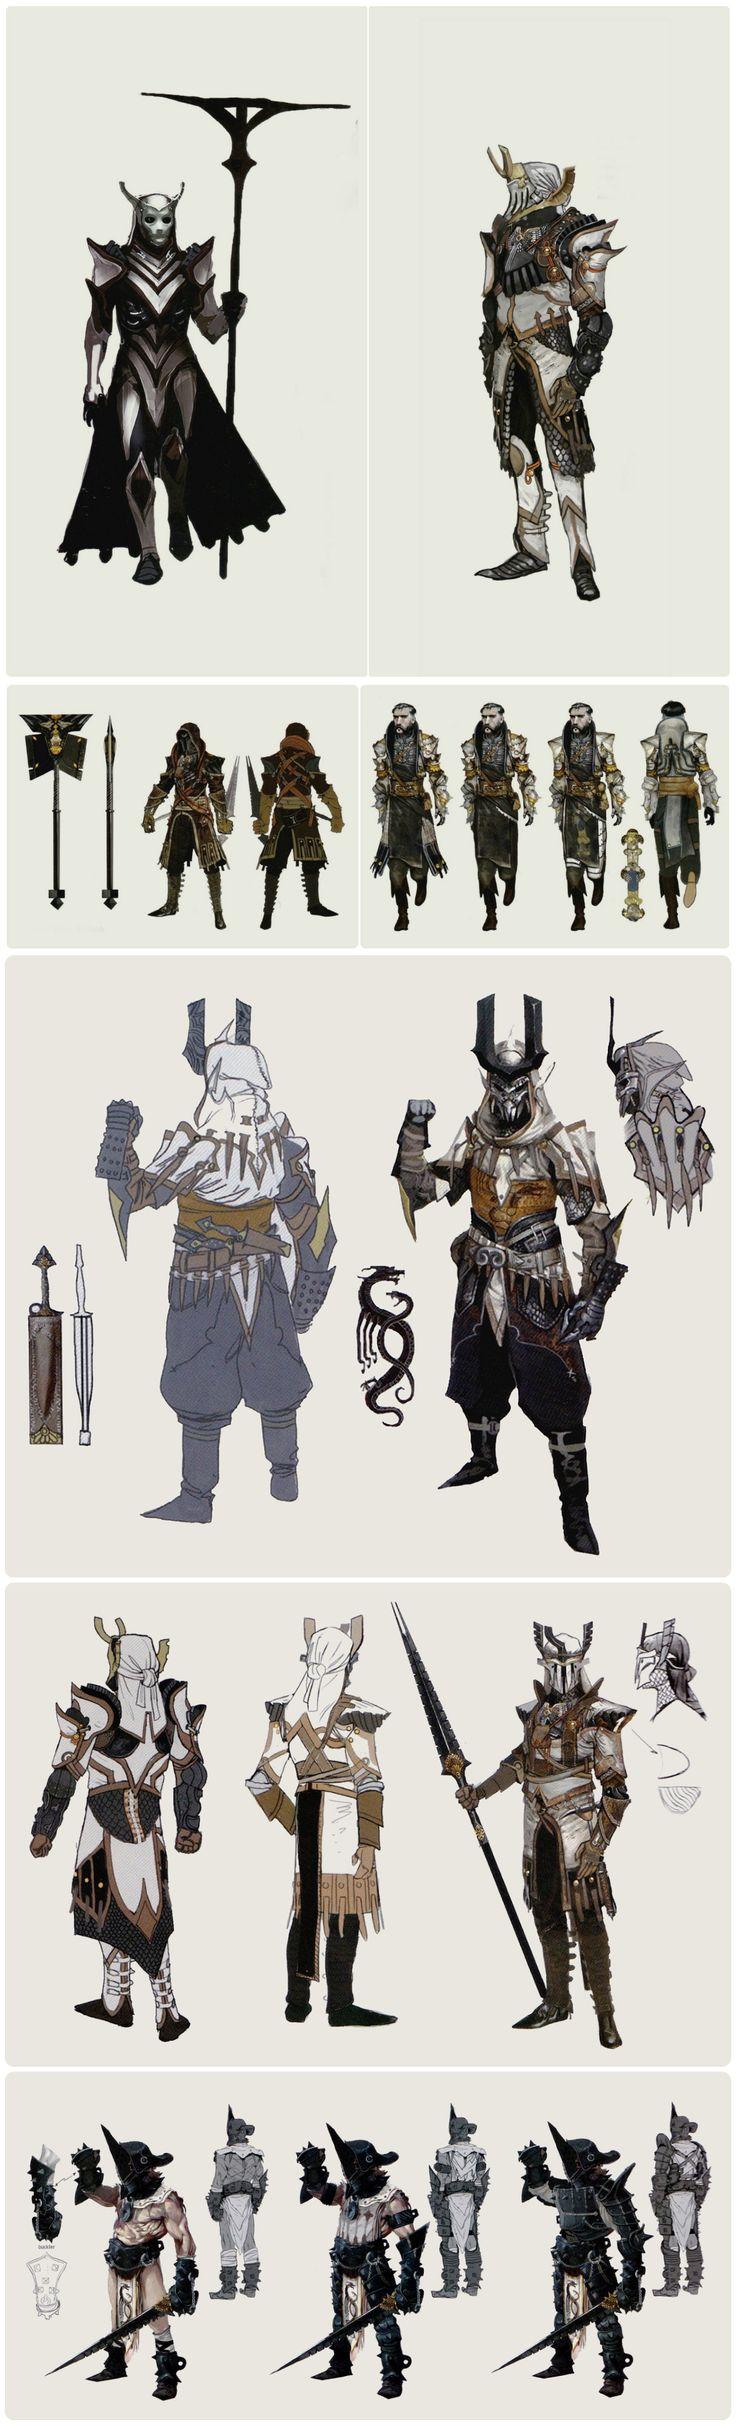 Venatori concept art in The Art of Dragon Age: Inquisition